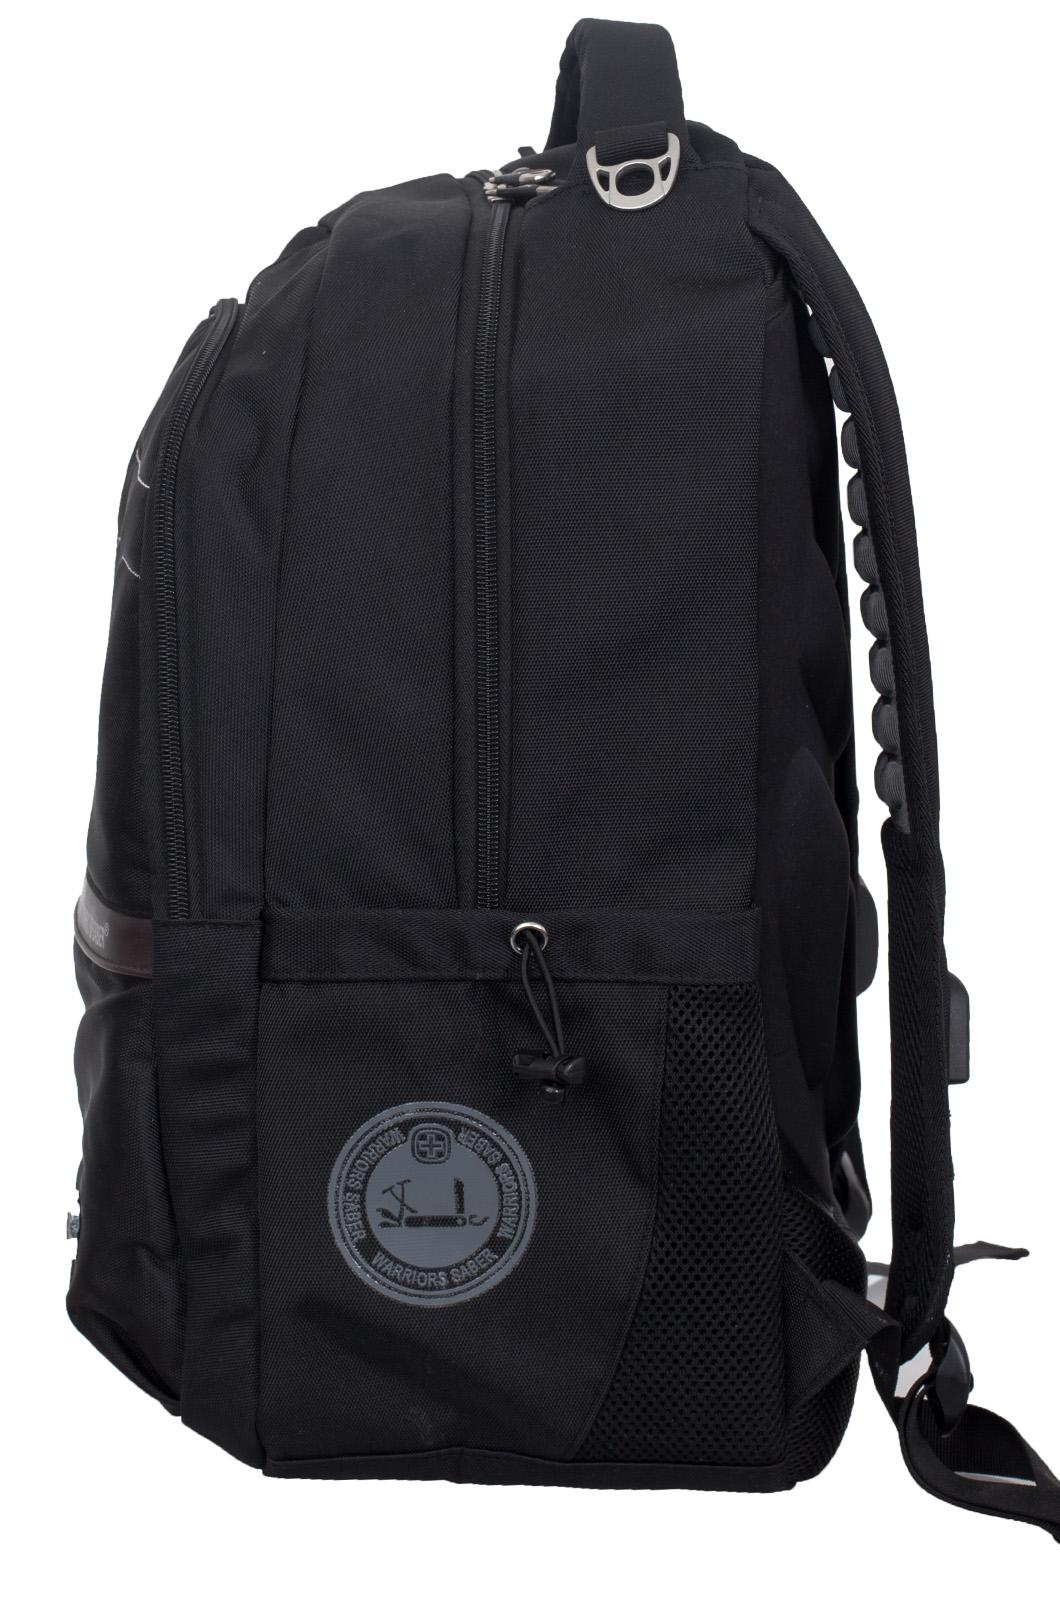 Качественные рюкзаки с символикой ГРУ – опт и розница